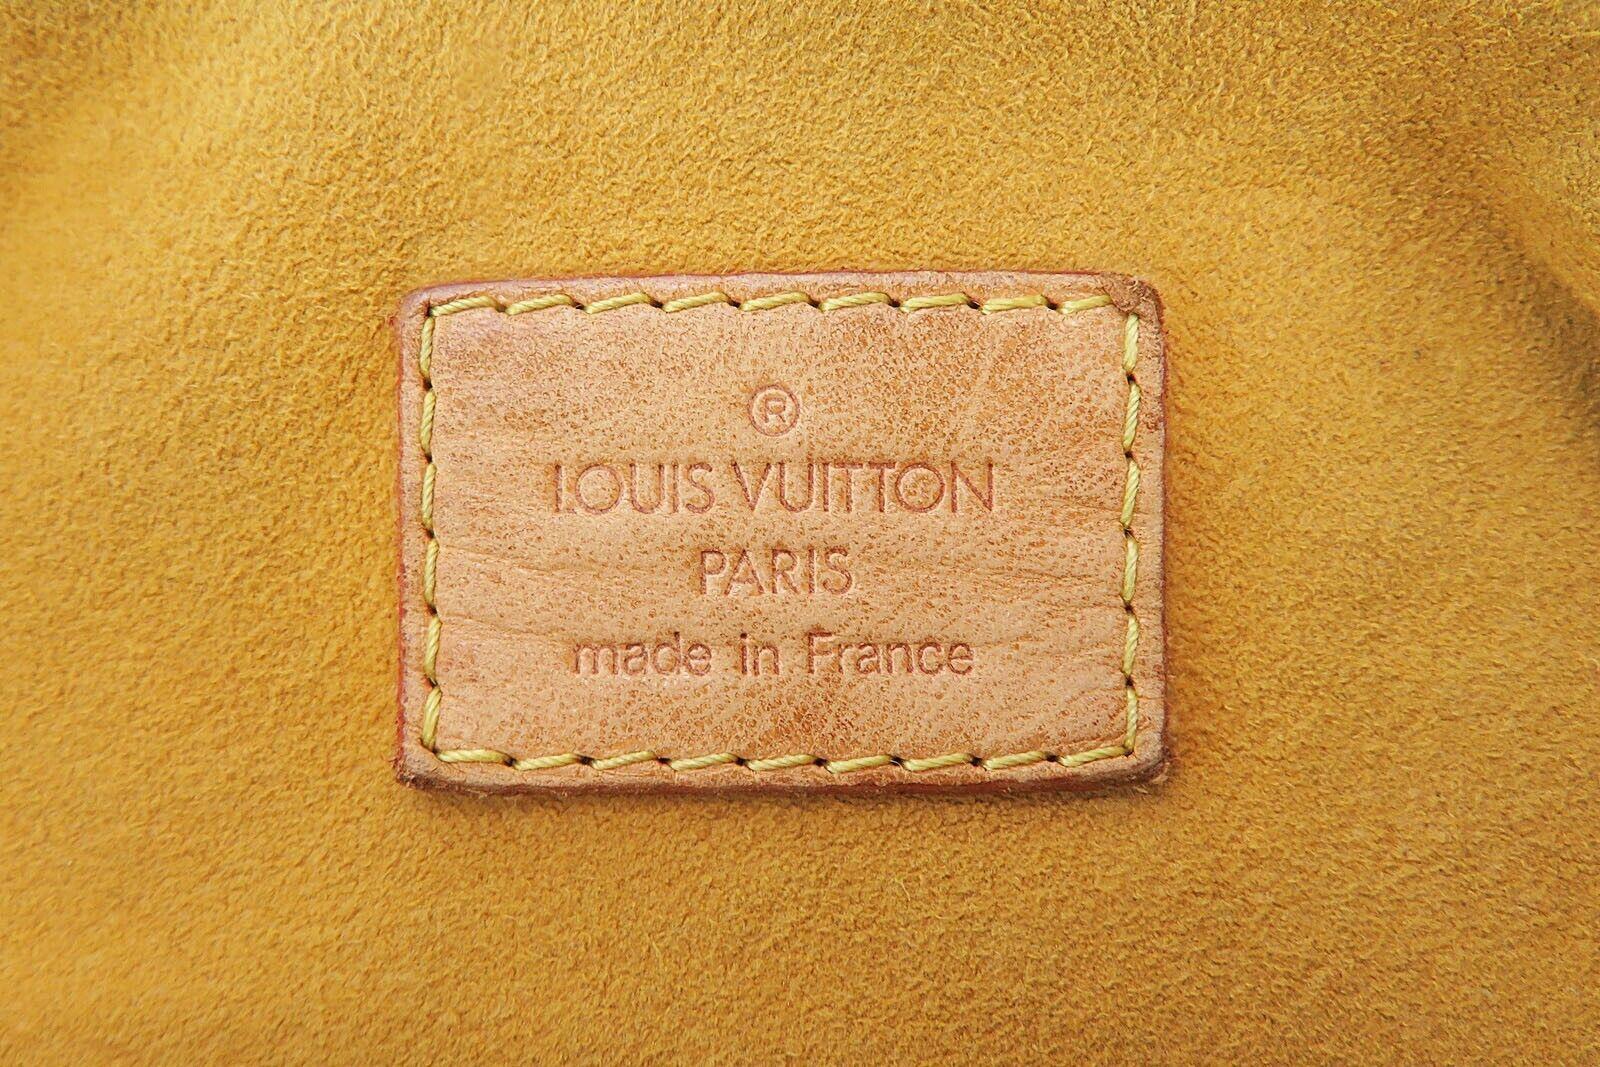 Authentic LOUIS VUITTON Baggy PM Blue Denim Shoulder Tote Bag Purse #34953 image 11